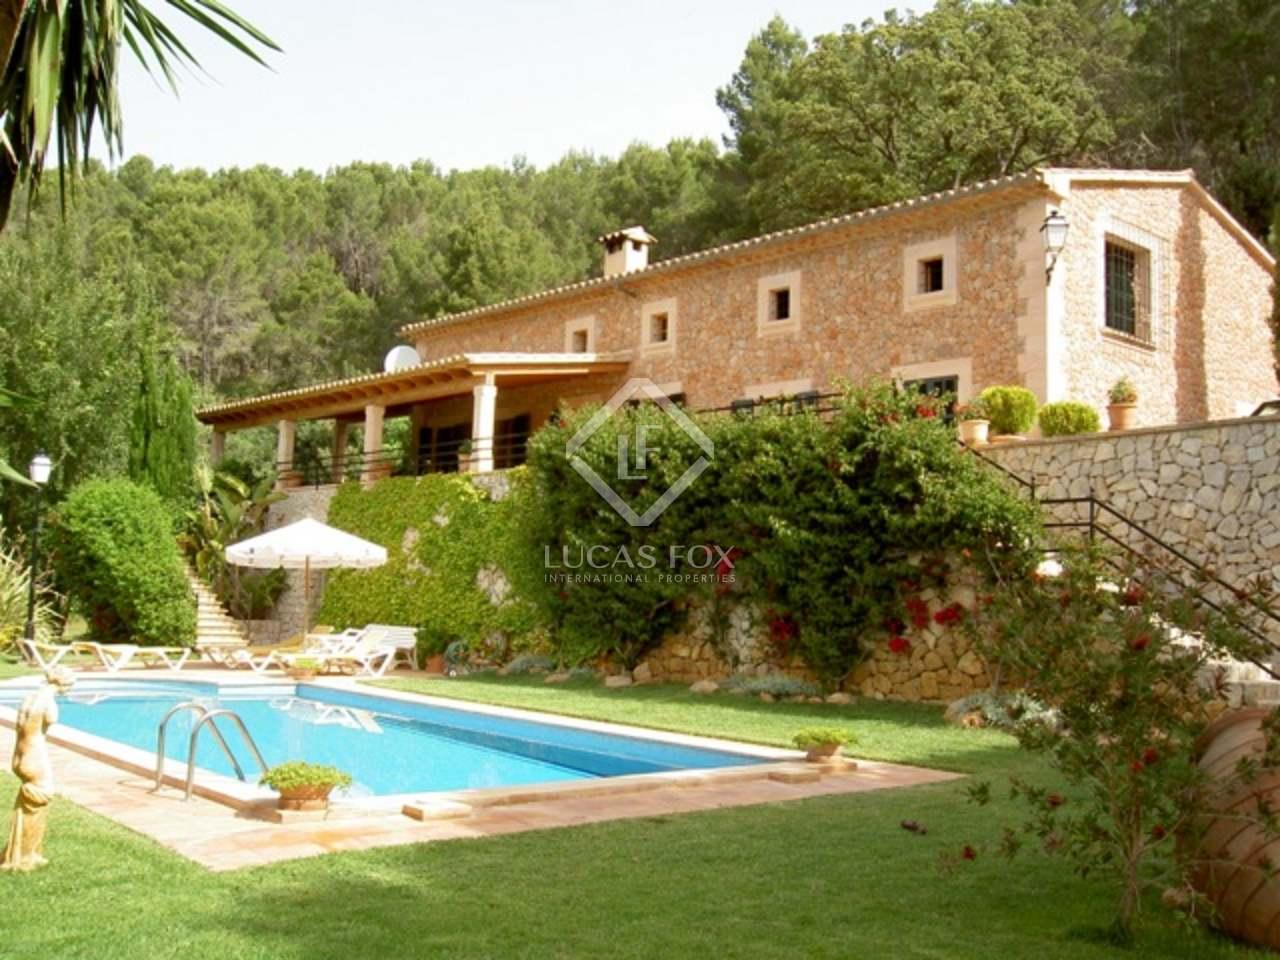 Villa de 5 dormitorios en venta en puigpunyent oeste de for Villa jardin lanus oeste